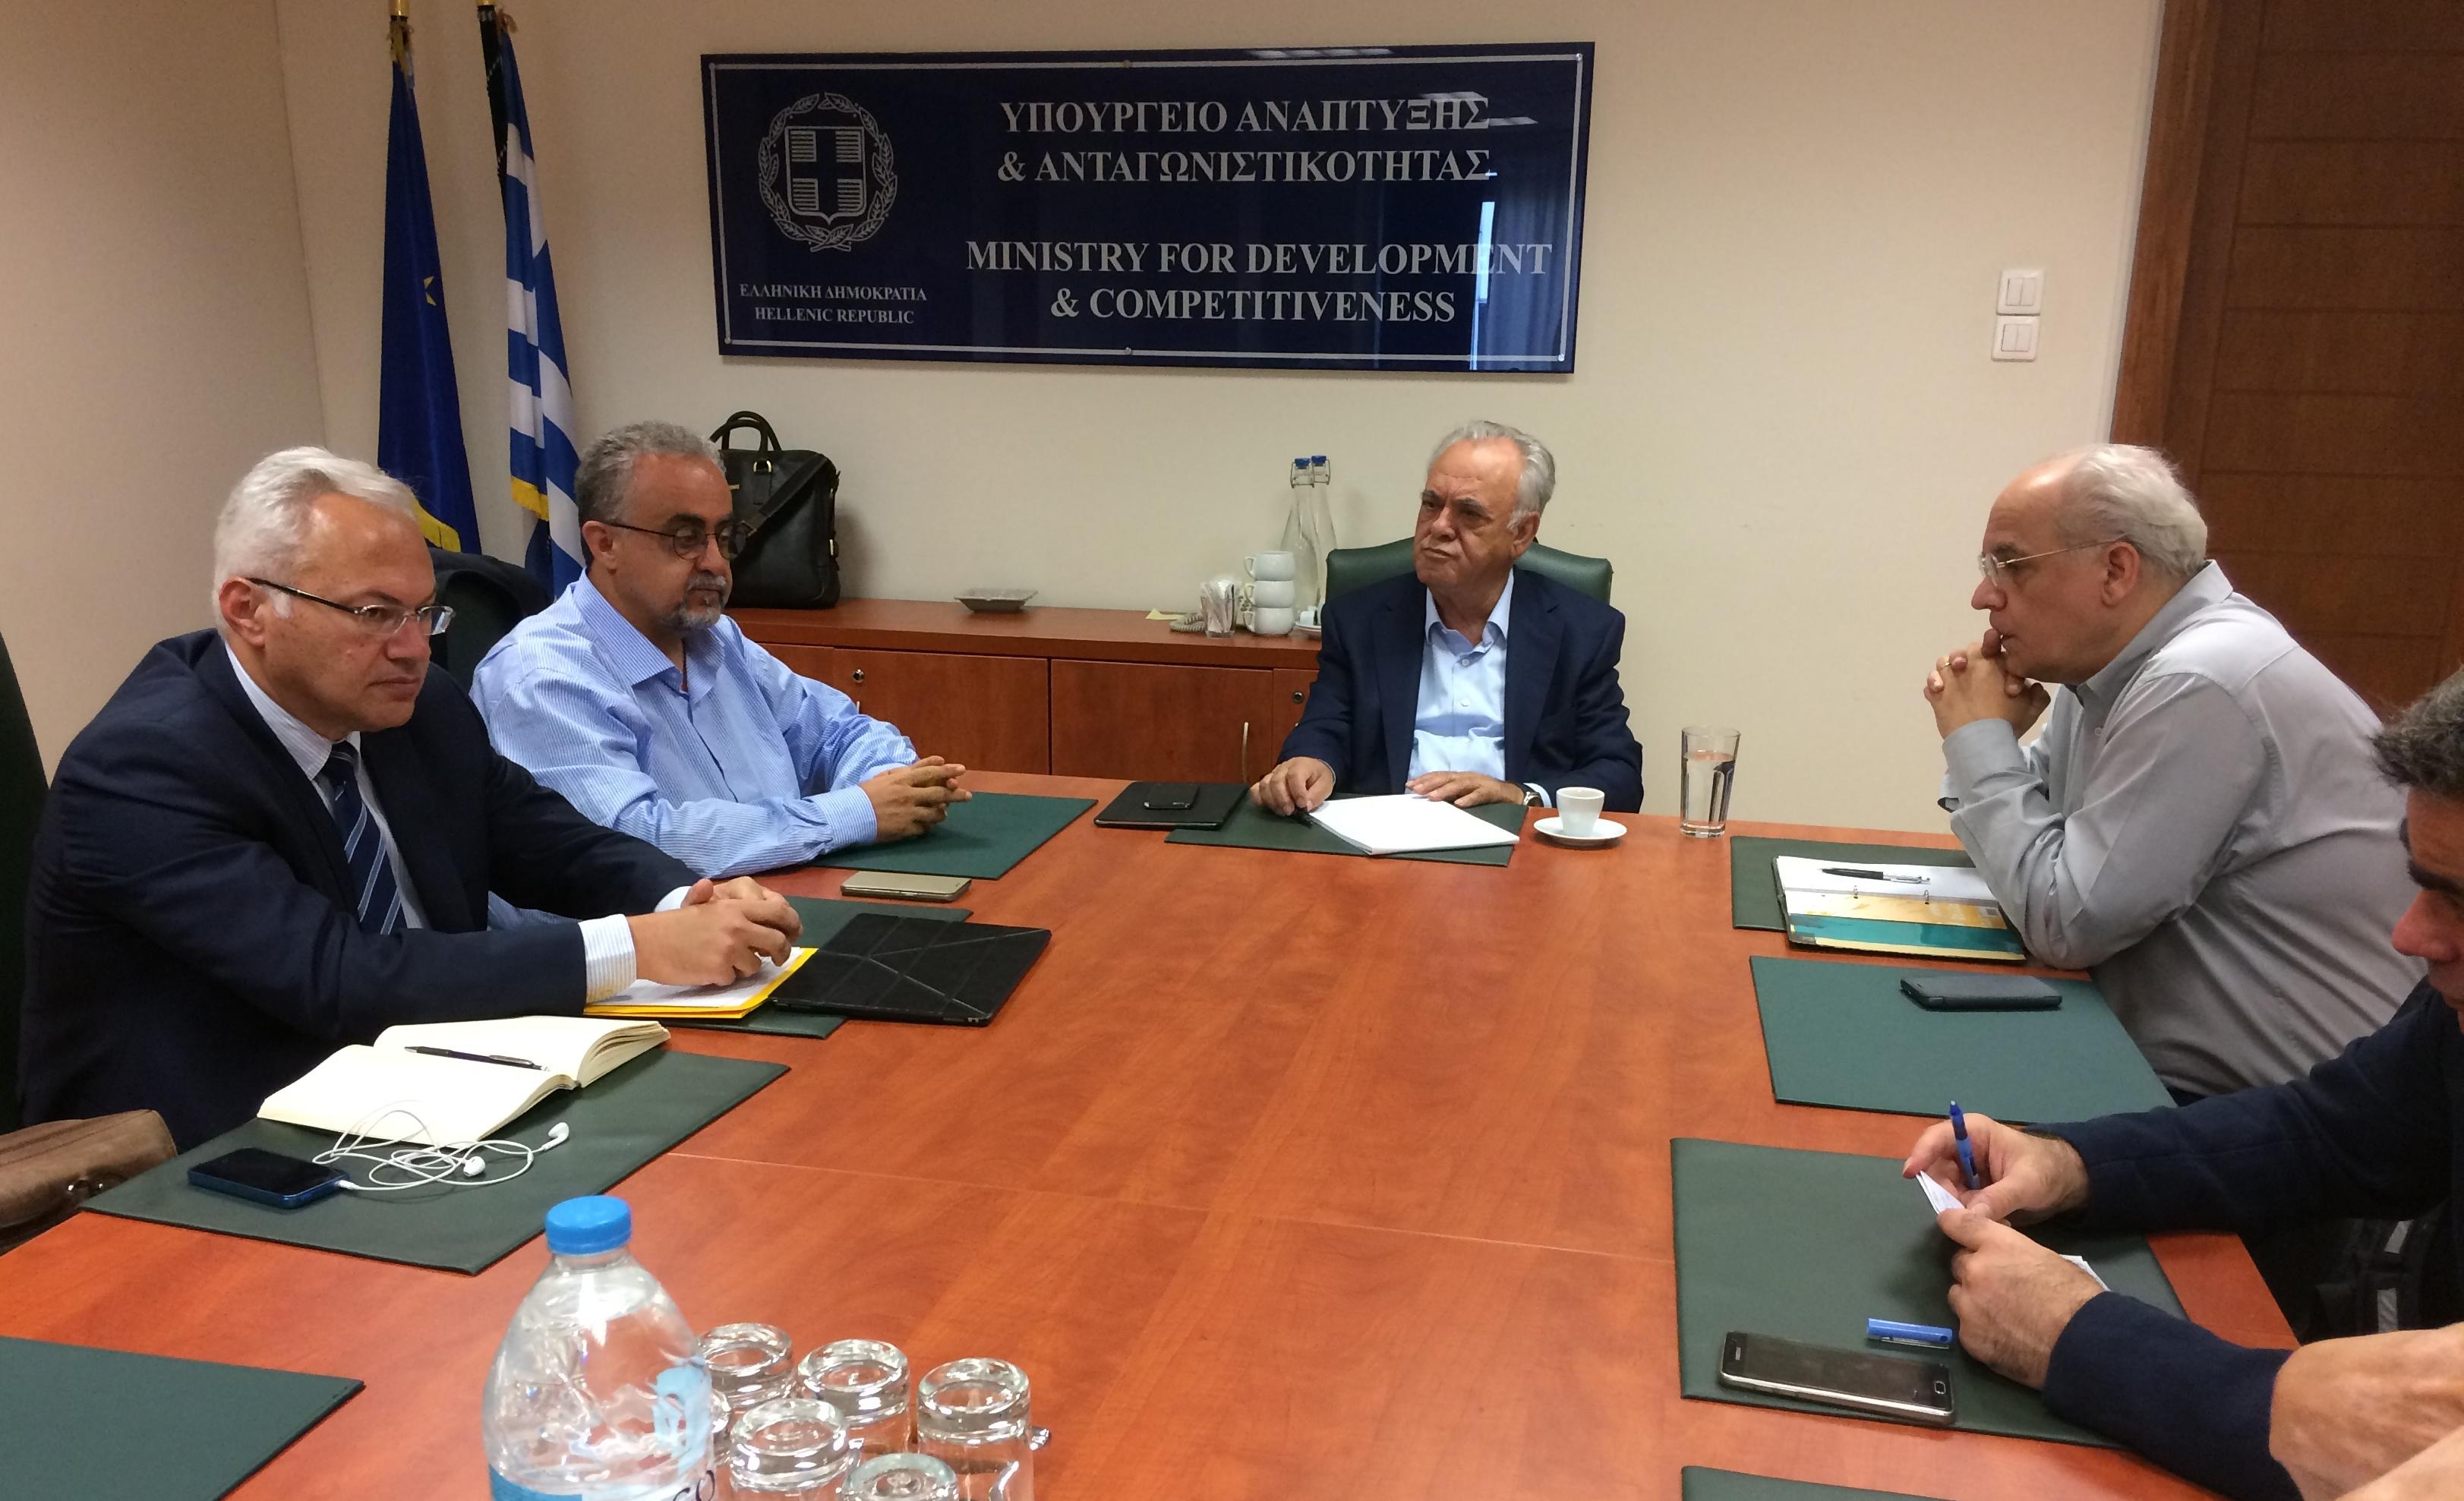 Συνάντηση του Αντιπροέδρου της Κυβέρνησης και Υπουργού Οικονομίας και Ανάπτυξης με τον Αντιπρύτανη του Πανεπιστημίου Κρήτης